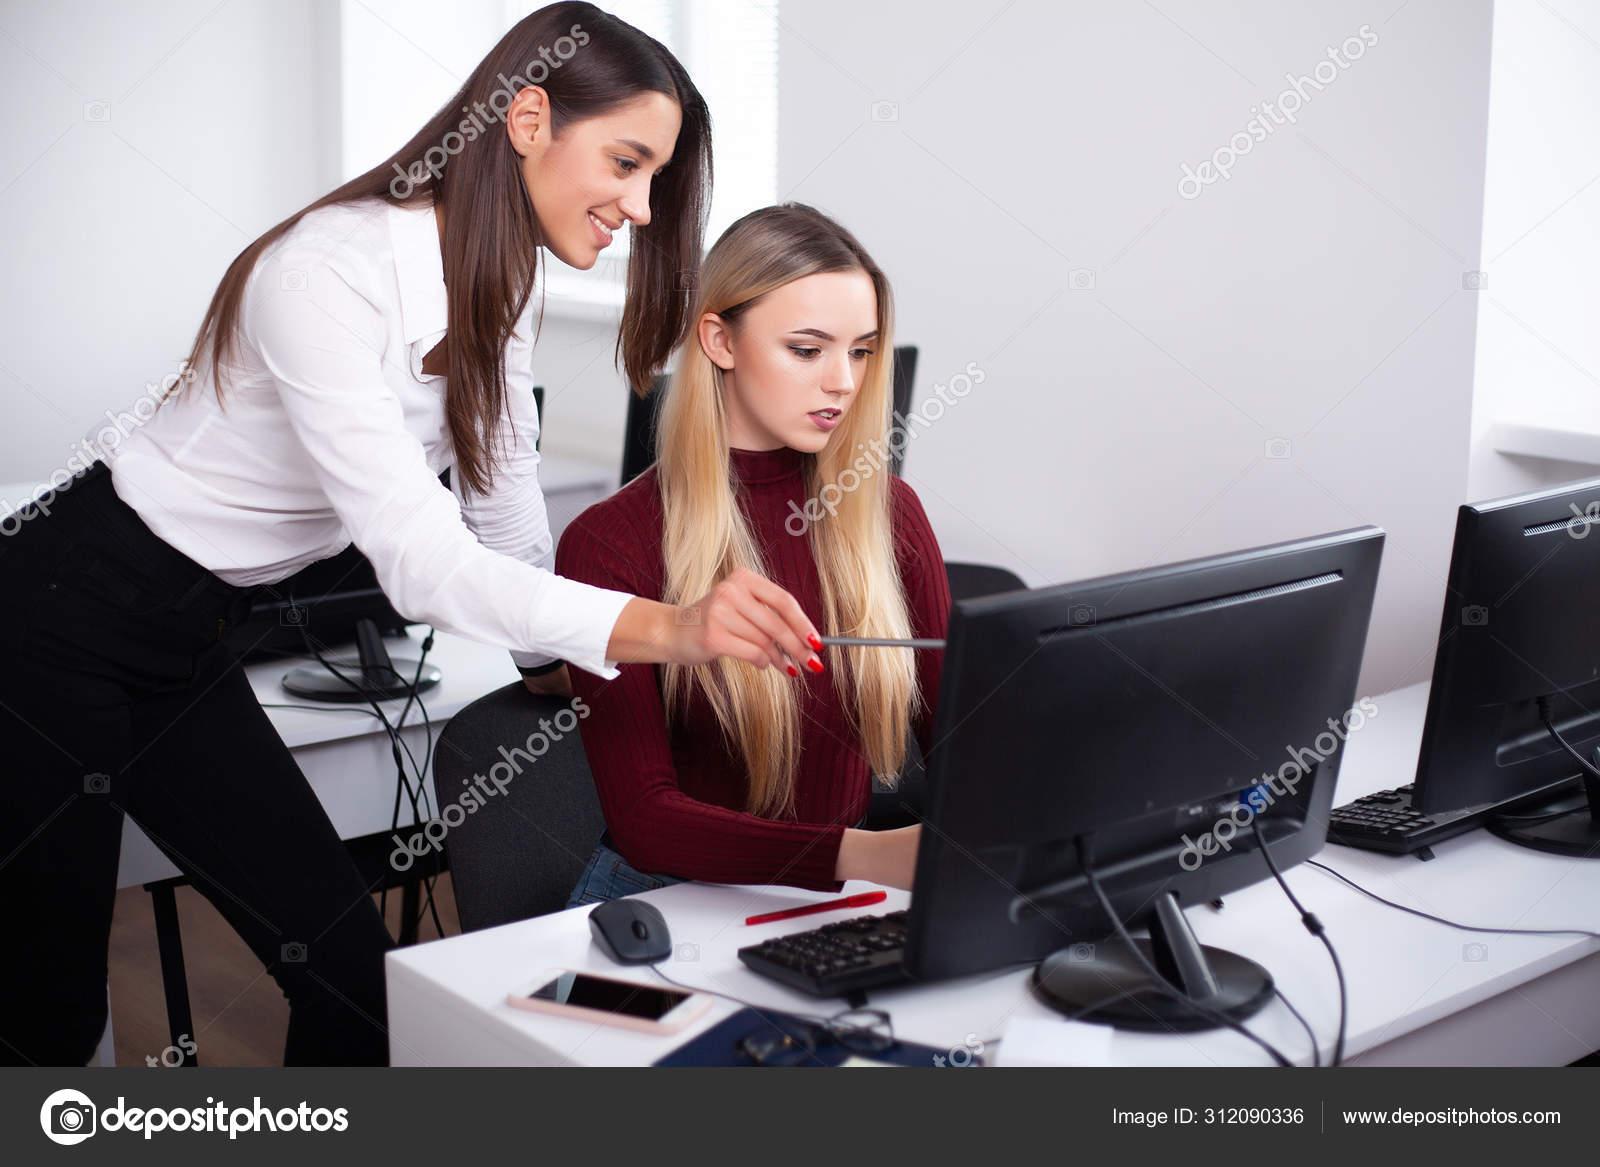 Образ девушки для работы гопка